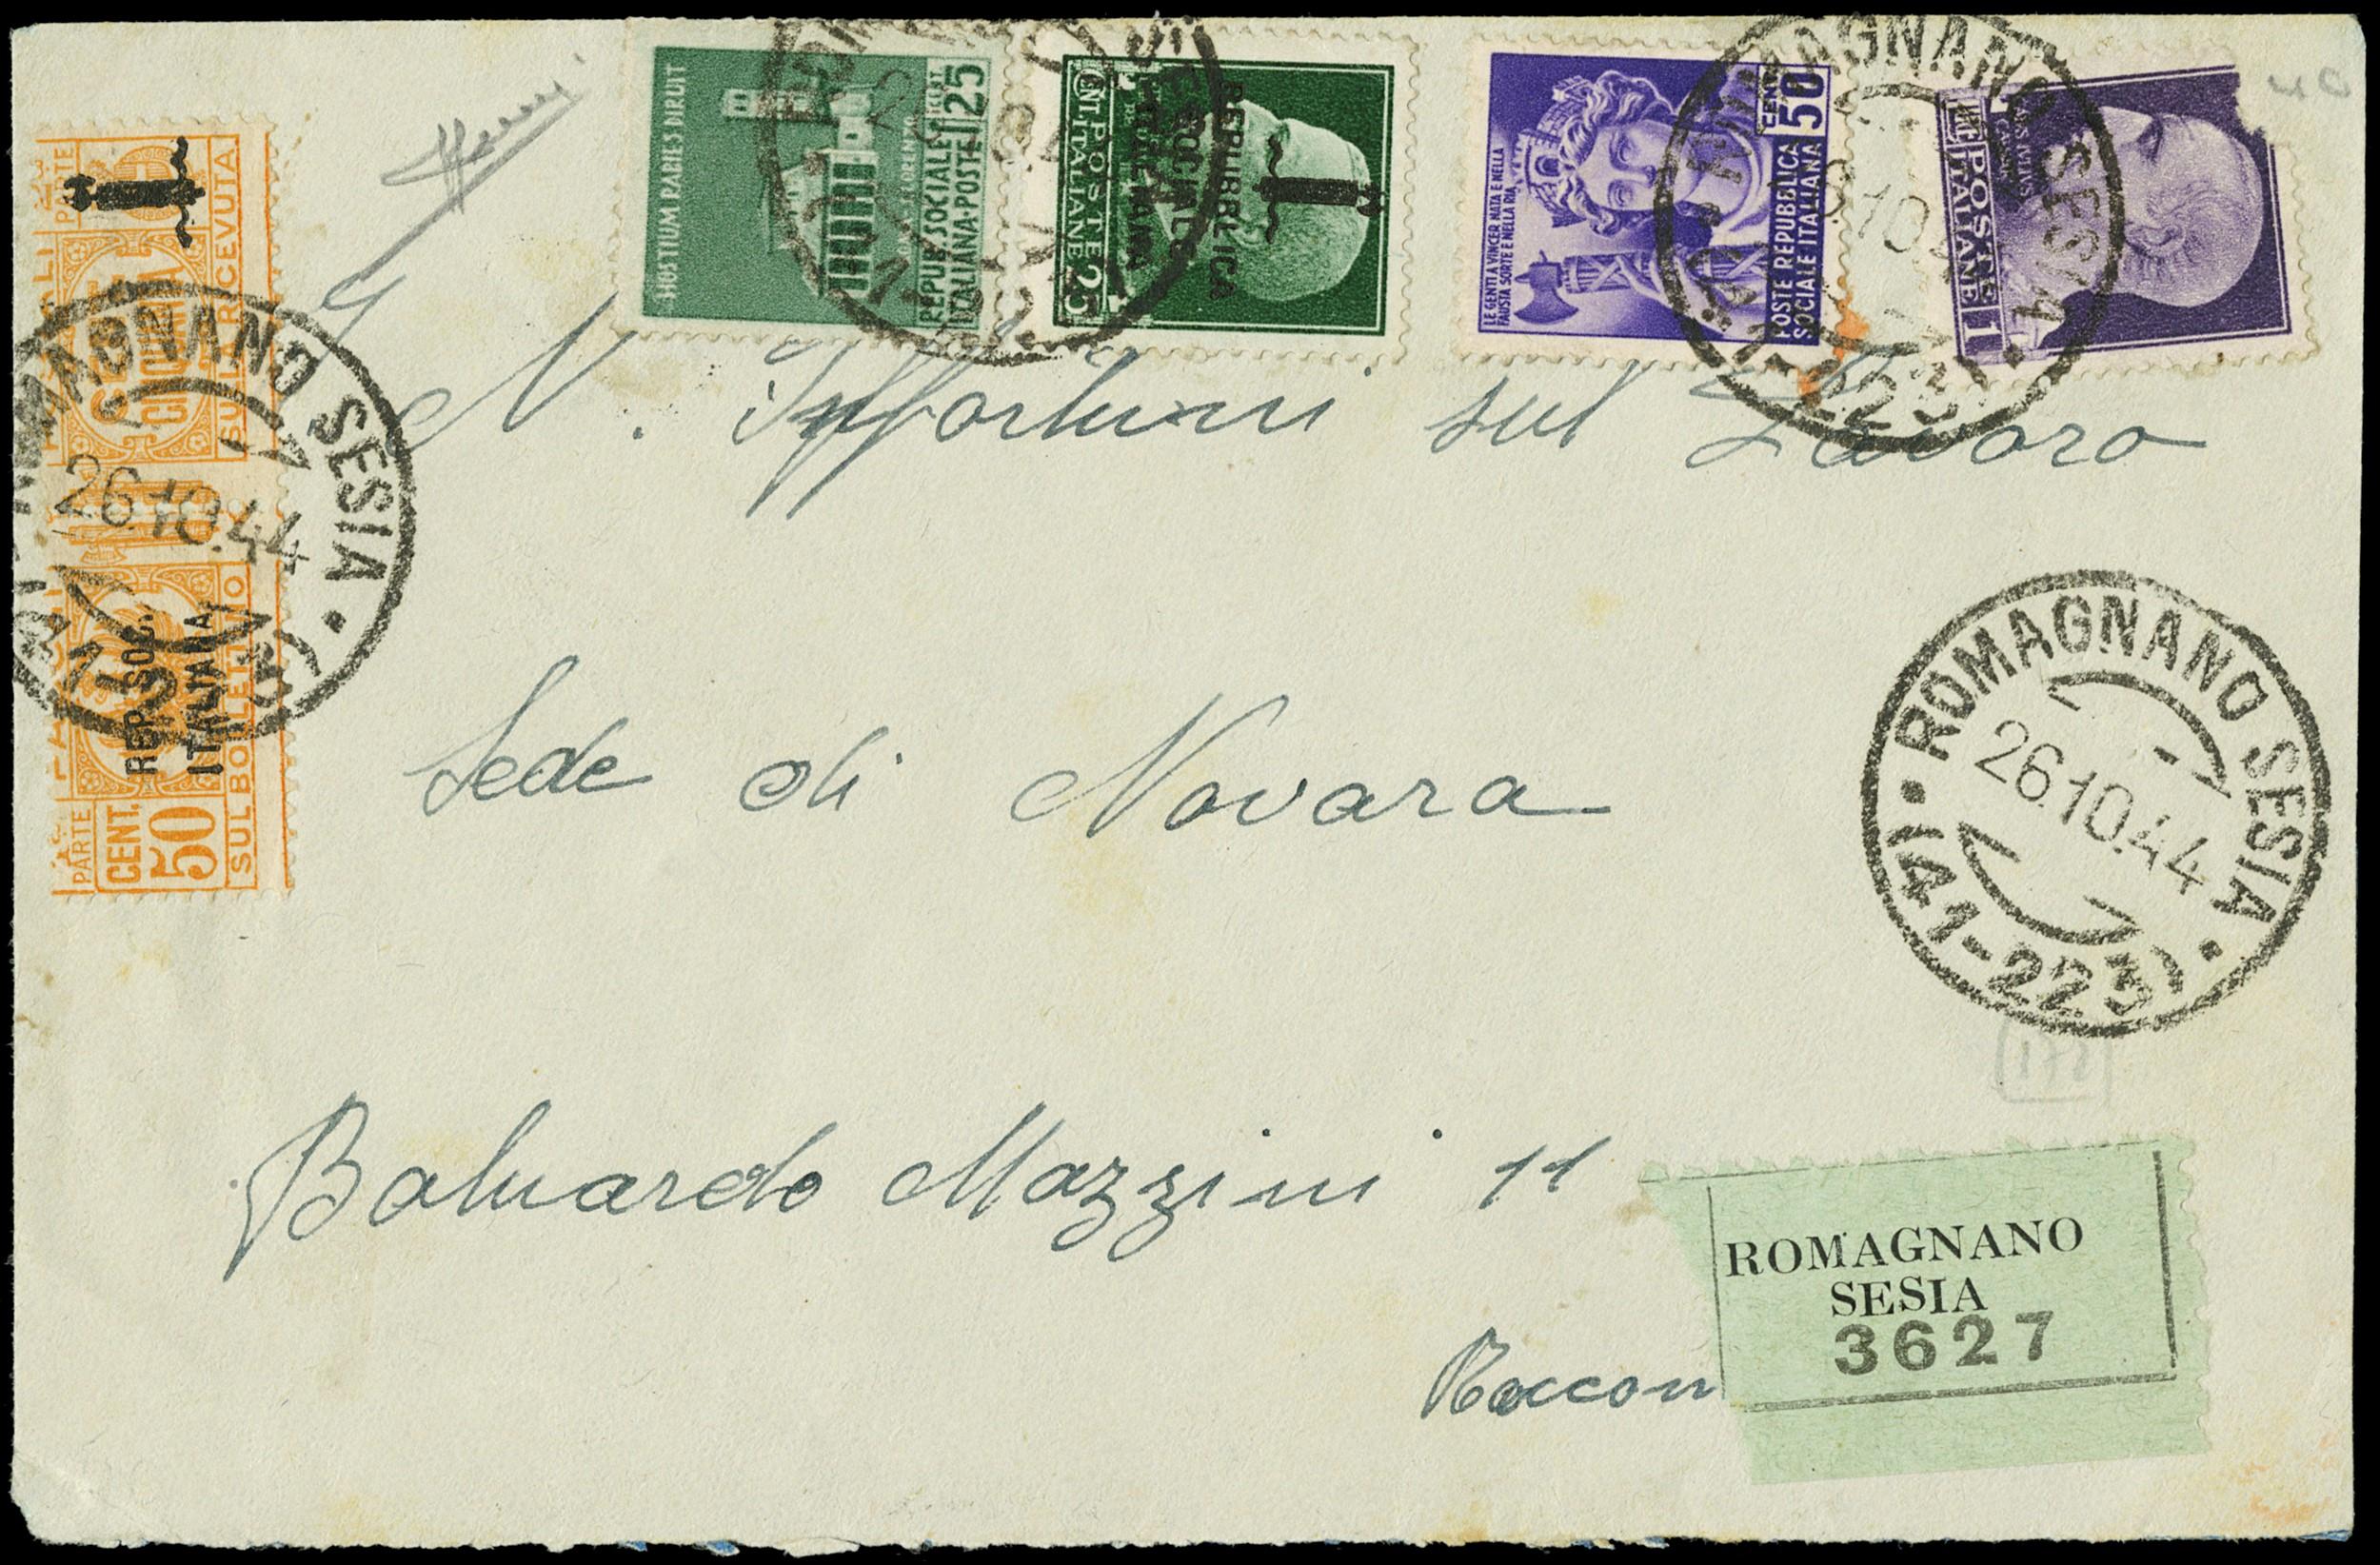 Lot 1239 - ITALIA RSI PACCHI POSTALI -  Zanaria Aste s.r.l. 9th Philatelic Auction